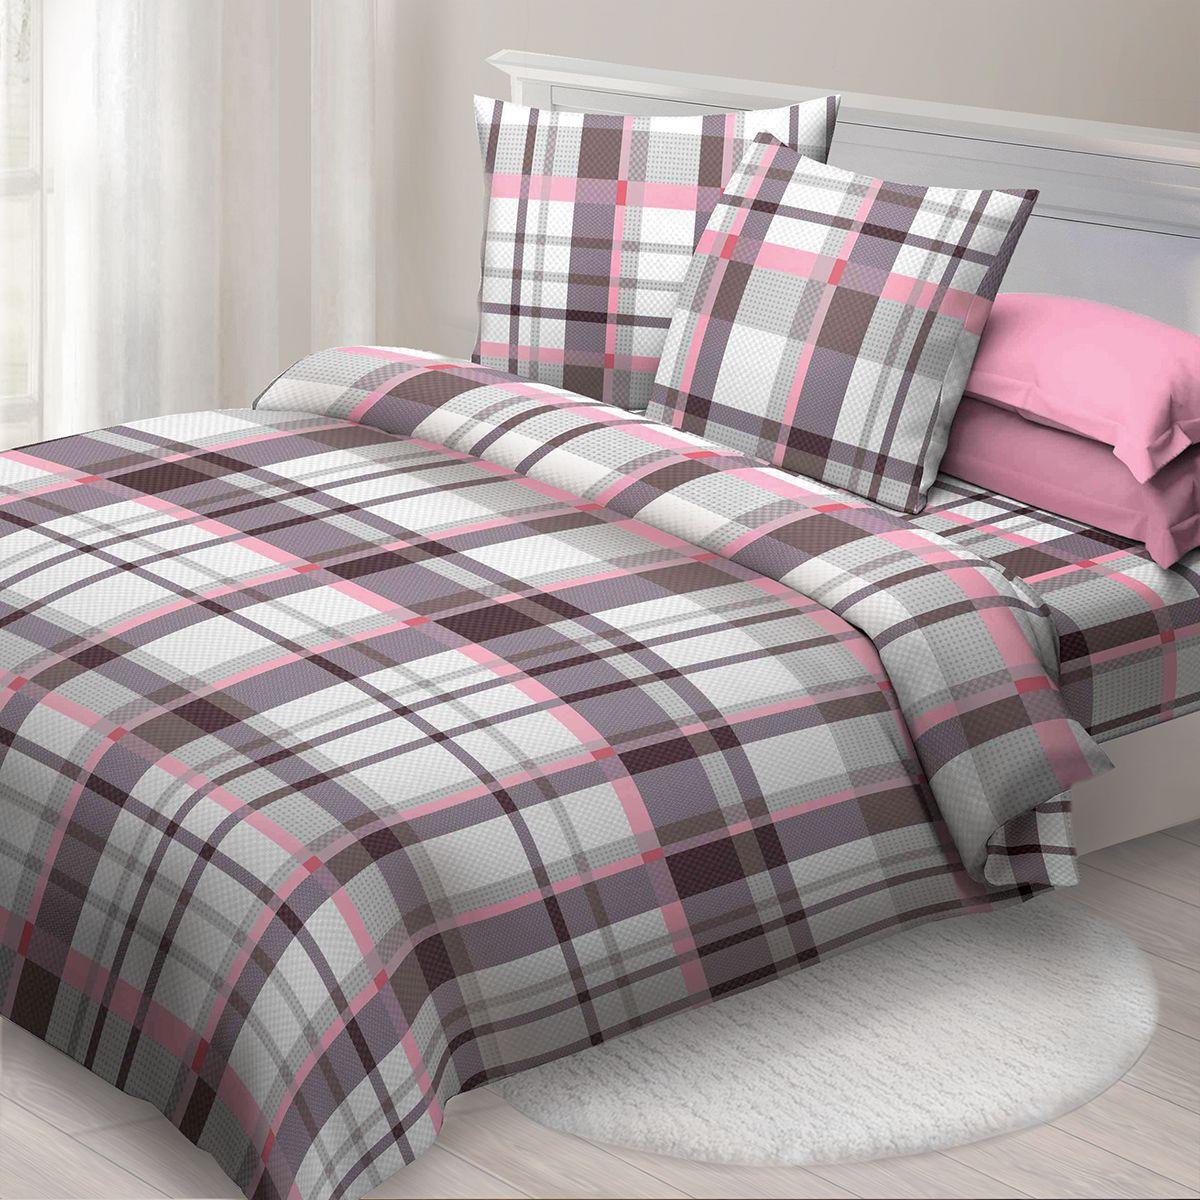 Комплект белья Спал Спалыч Факт, 2-х спальное, наволочки 70x70, цвет: бордовый. 3521-182457